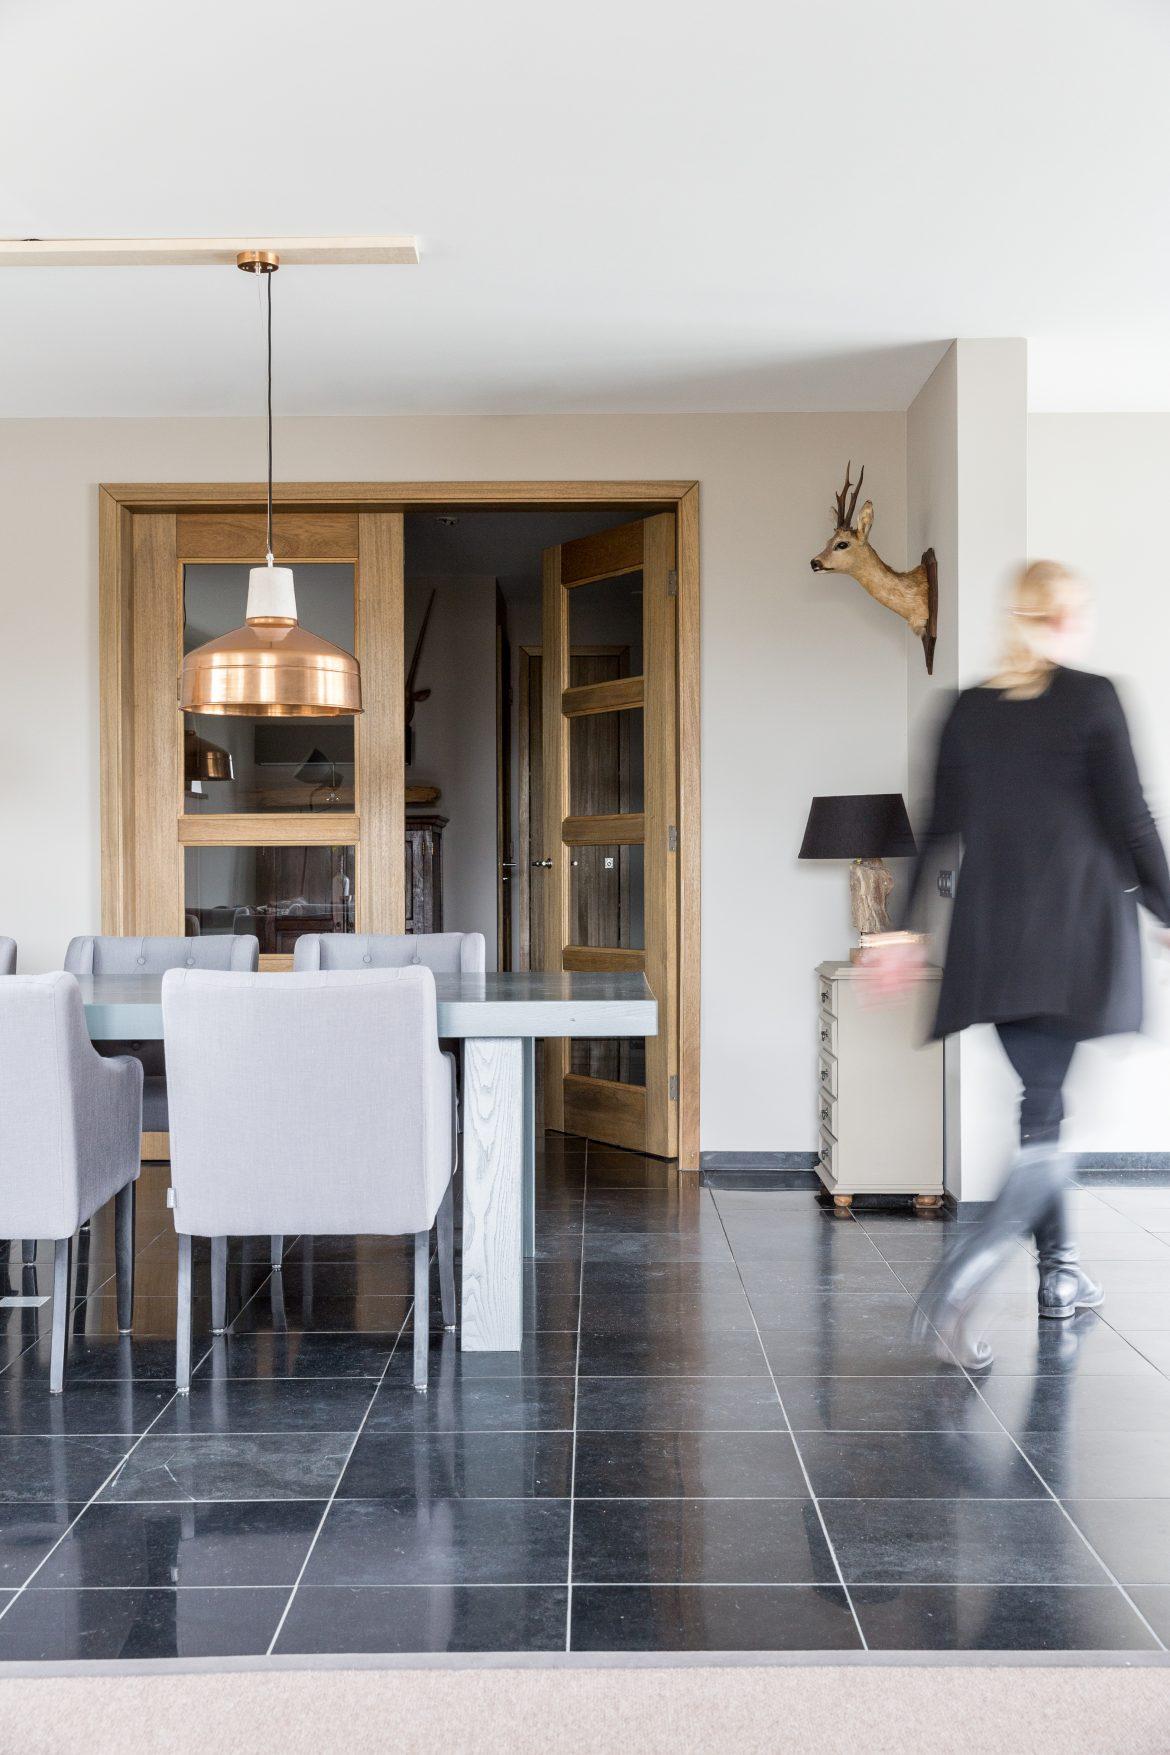 De leefruimte in het huis van familie Buijze aan de Borgmeren.